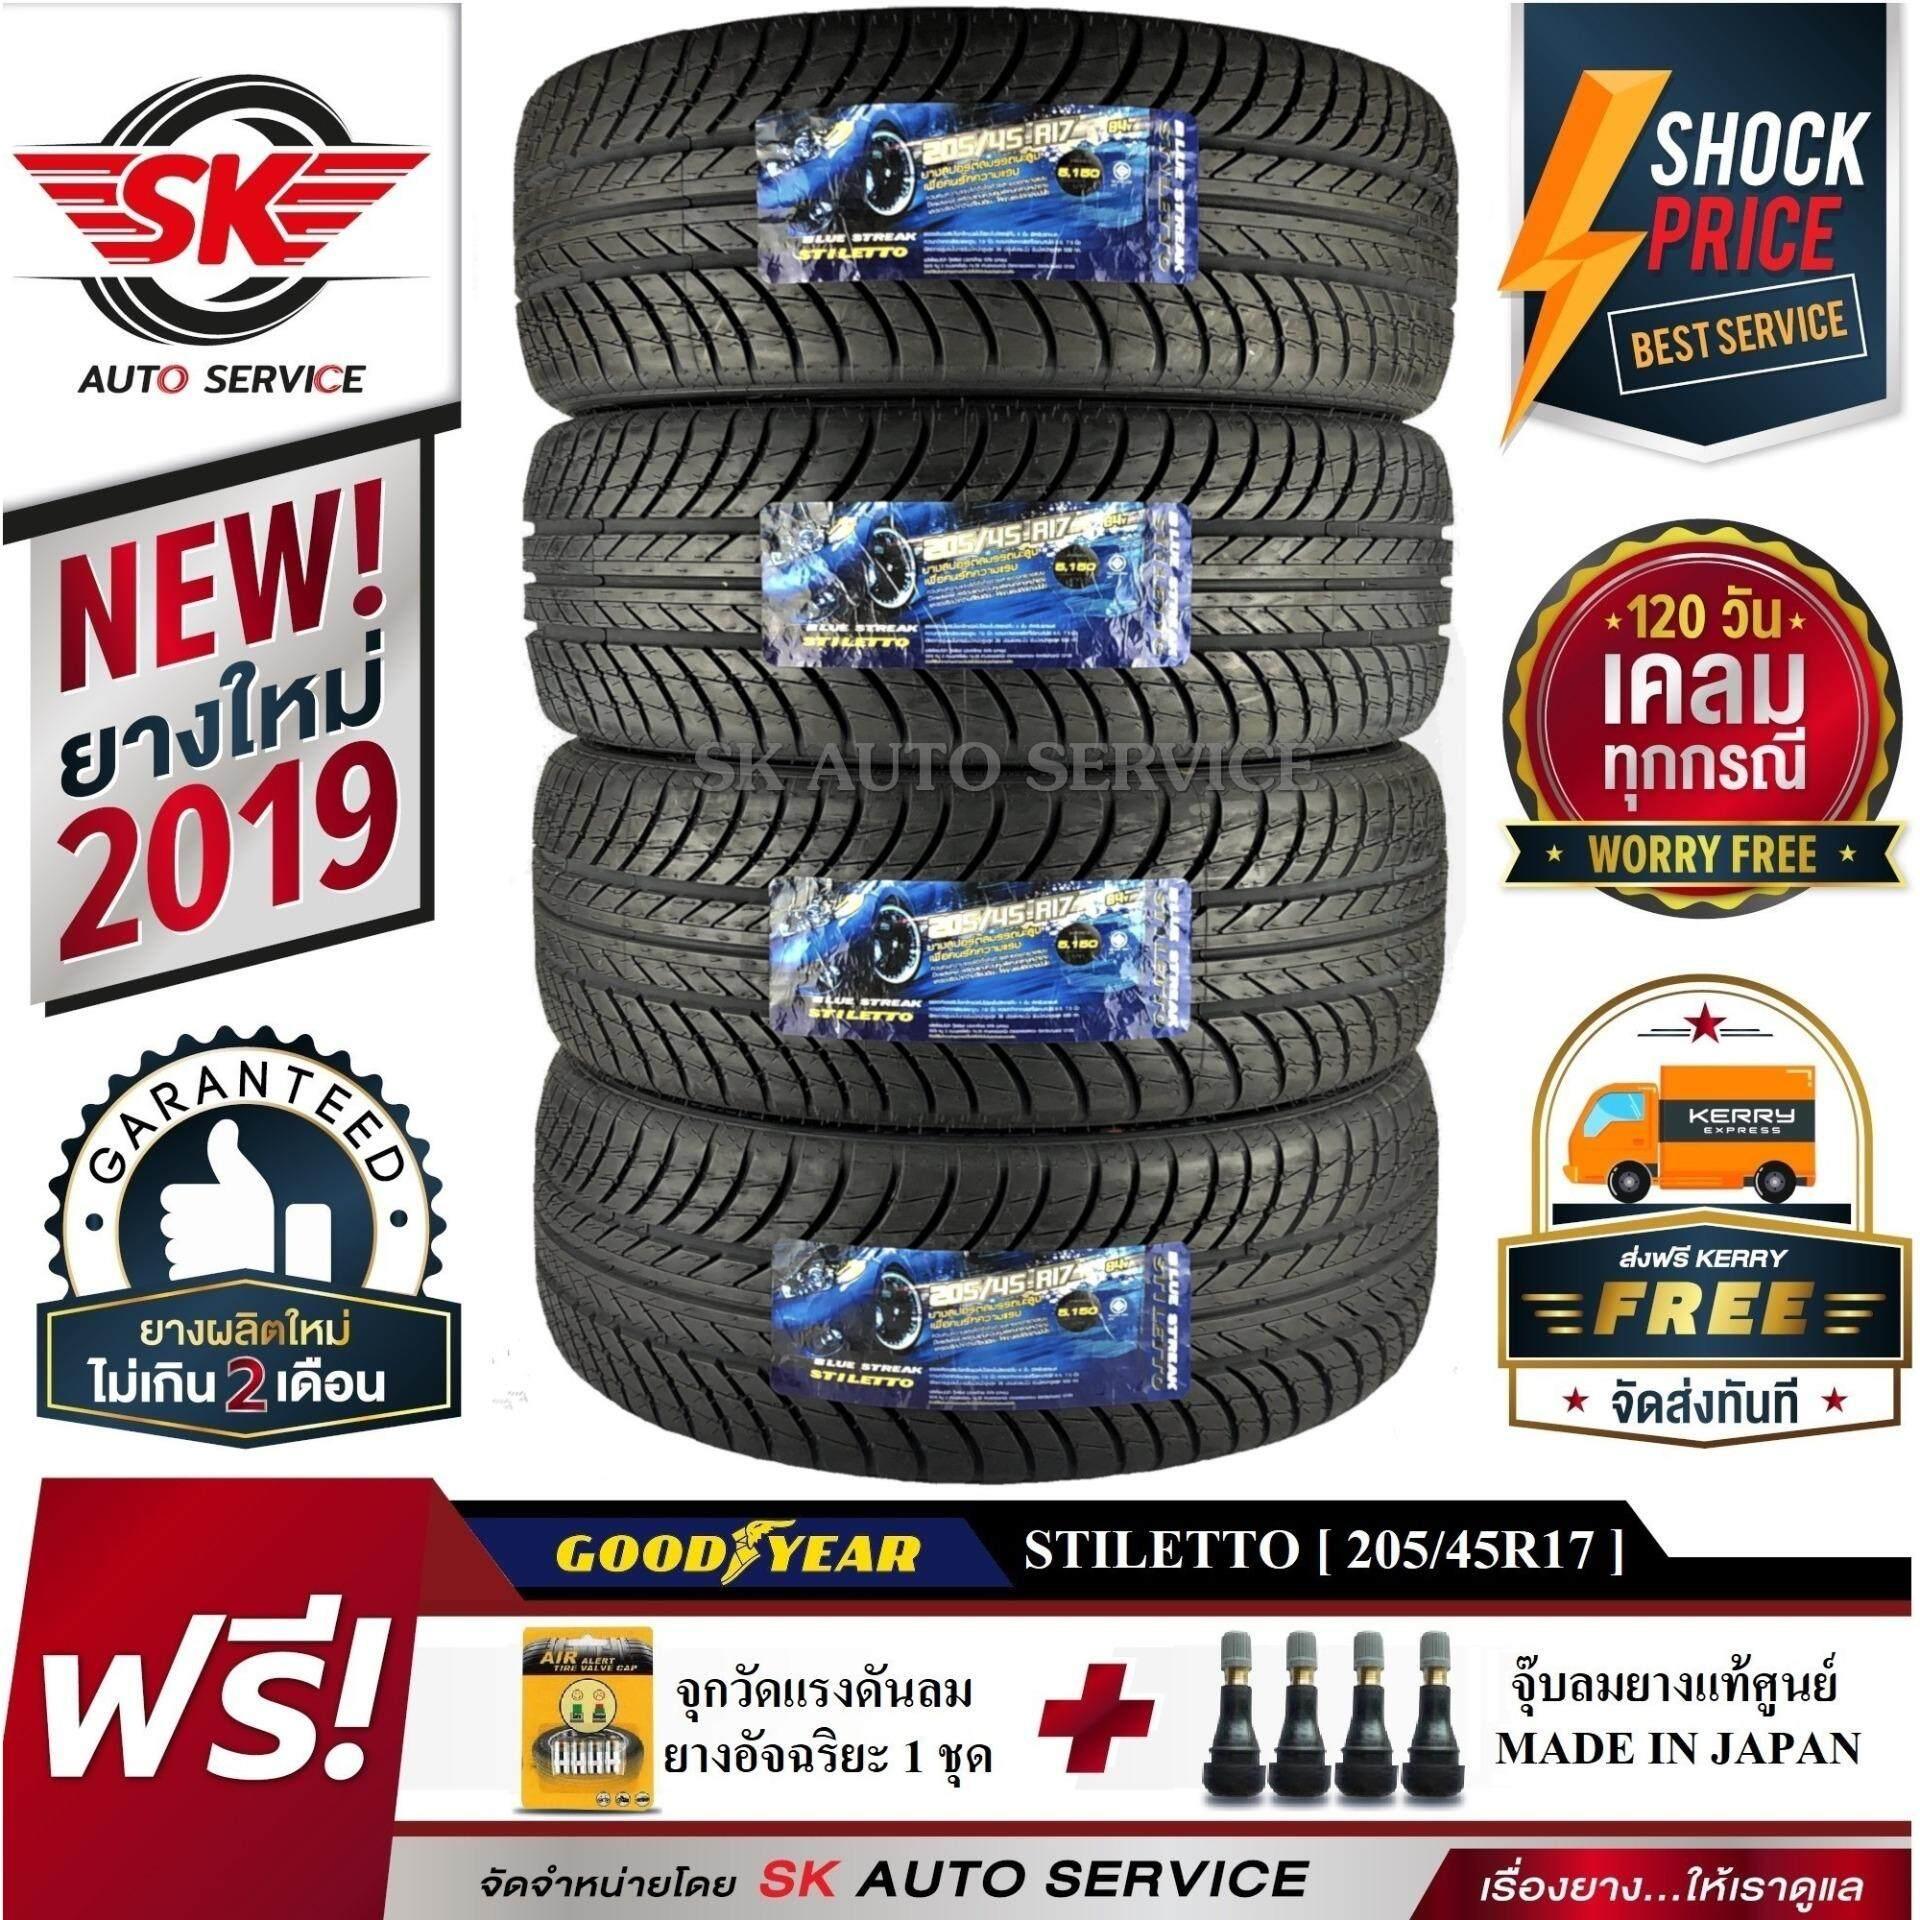 ประกันภัย รถยนต์ 2+ ตาก GOODYEAR ยางรถยนต์ (ล้อขอบ17) 205/45R17 รุ่น Blue Streak Stiletto 4 เส้น (ล๊อตใหม่กริ๊ปปี 2019)